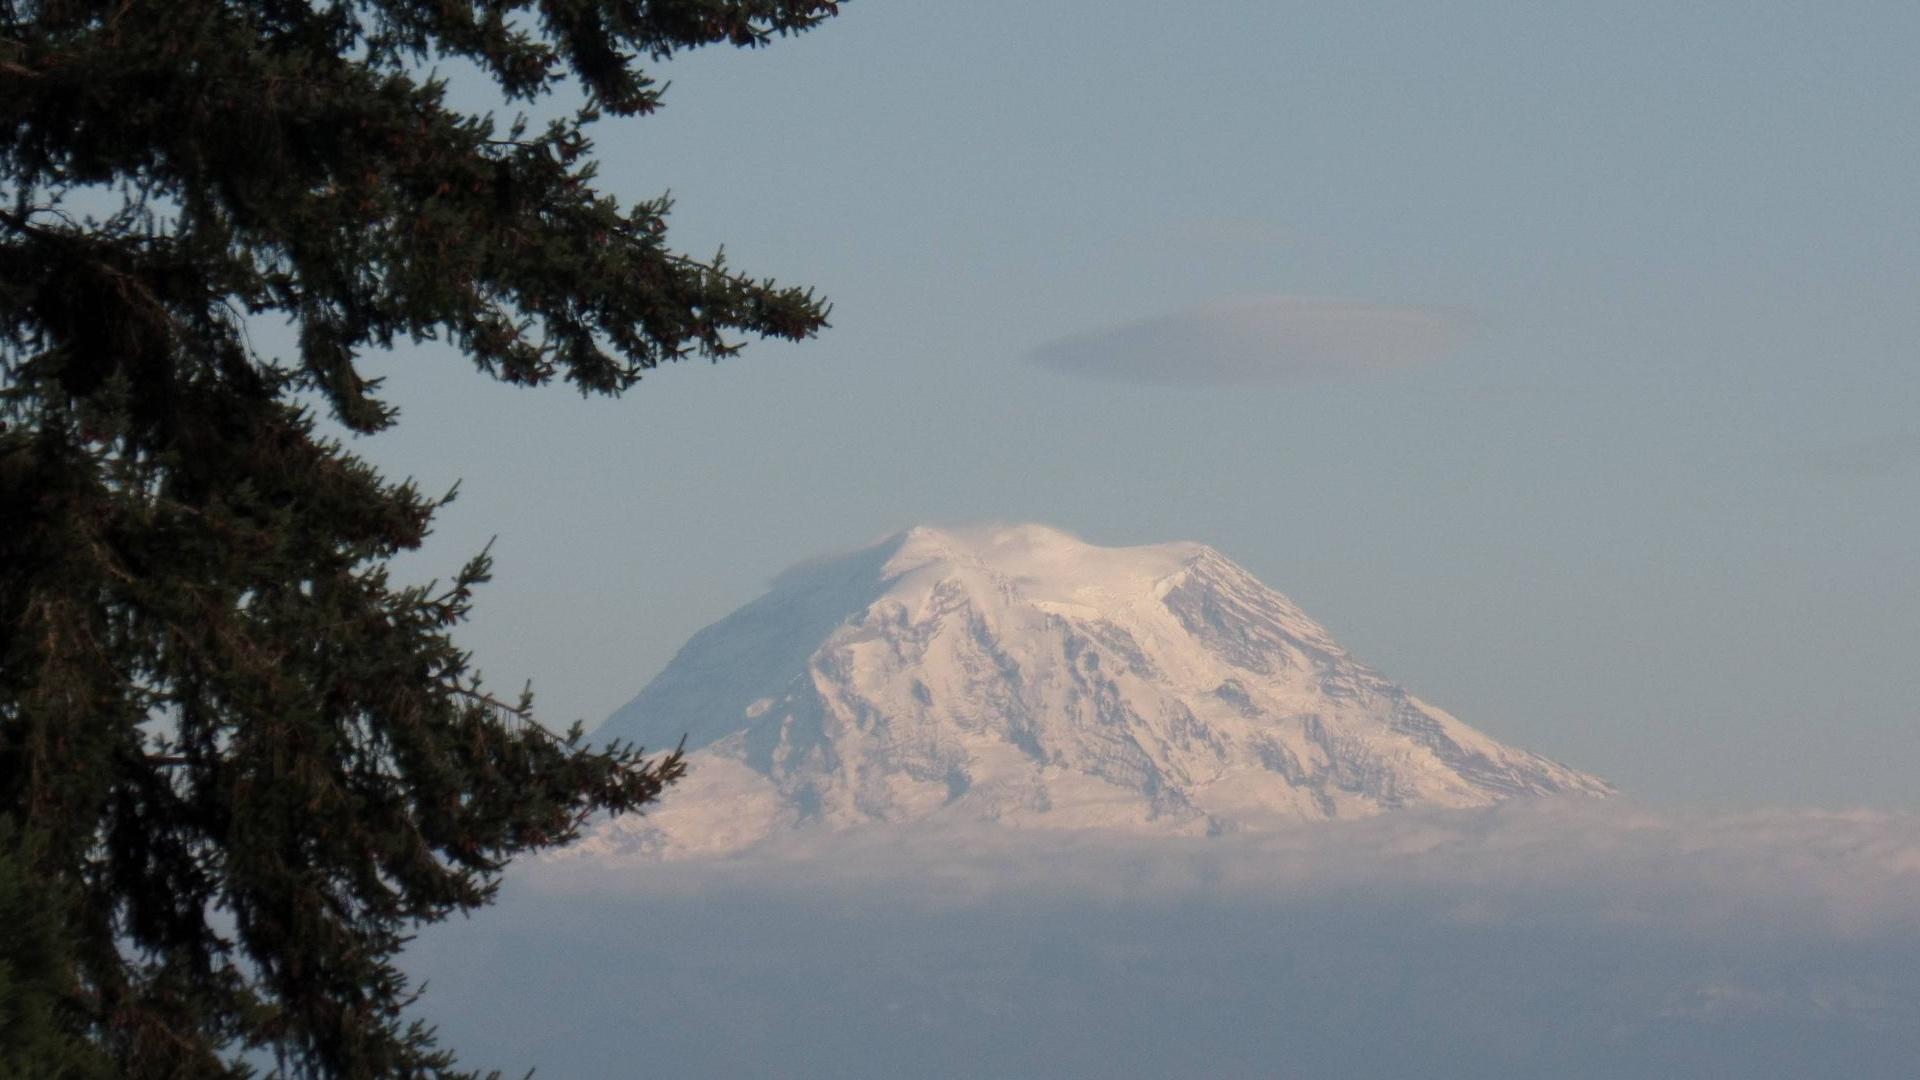 Mt. Rainier, činná sopka čnící nad Tacomou